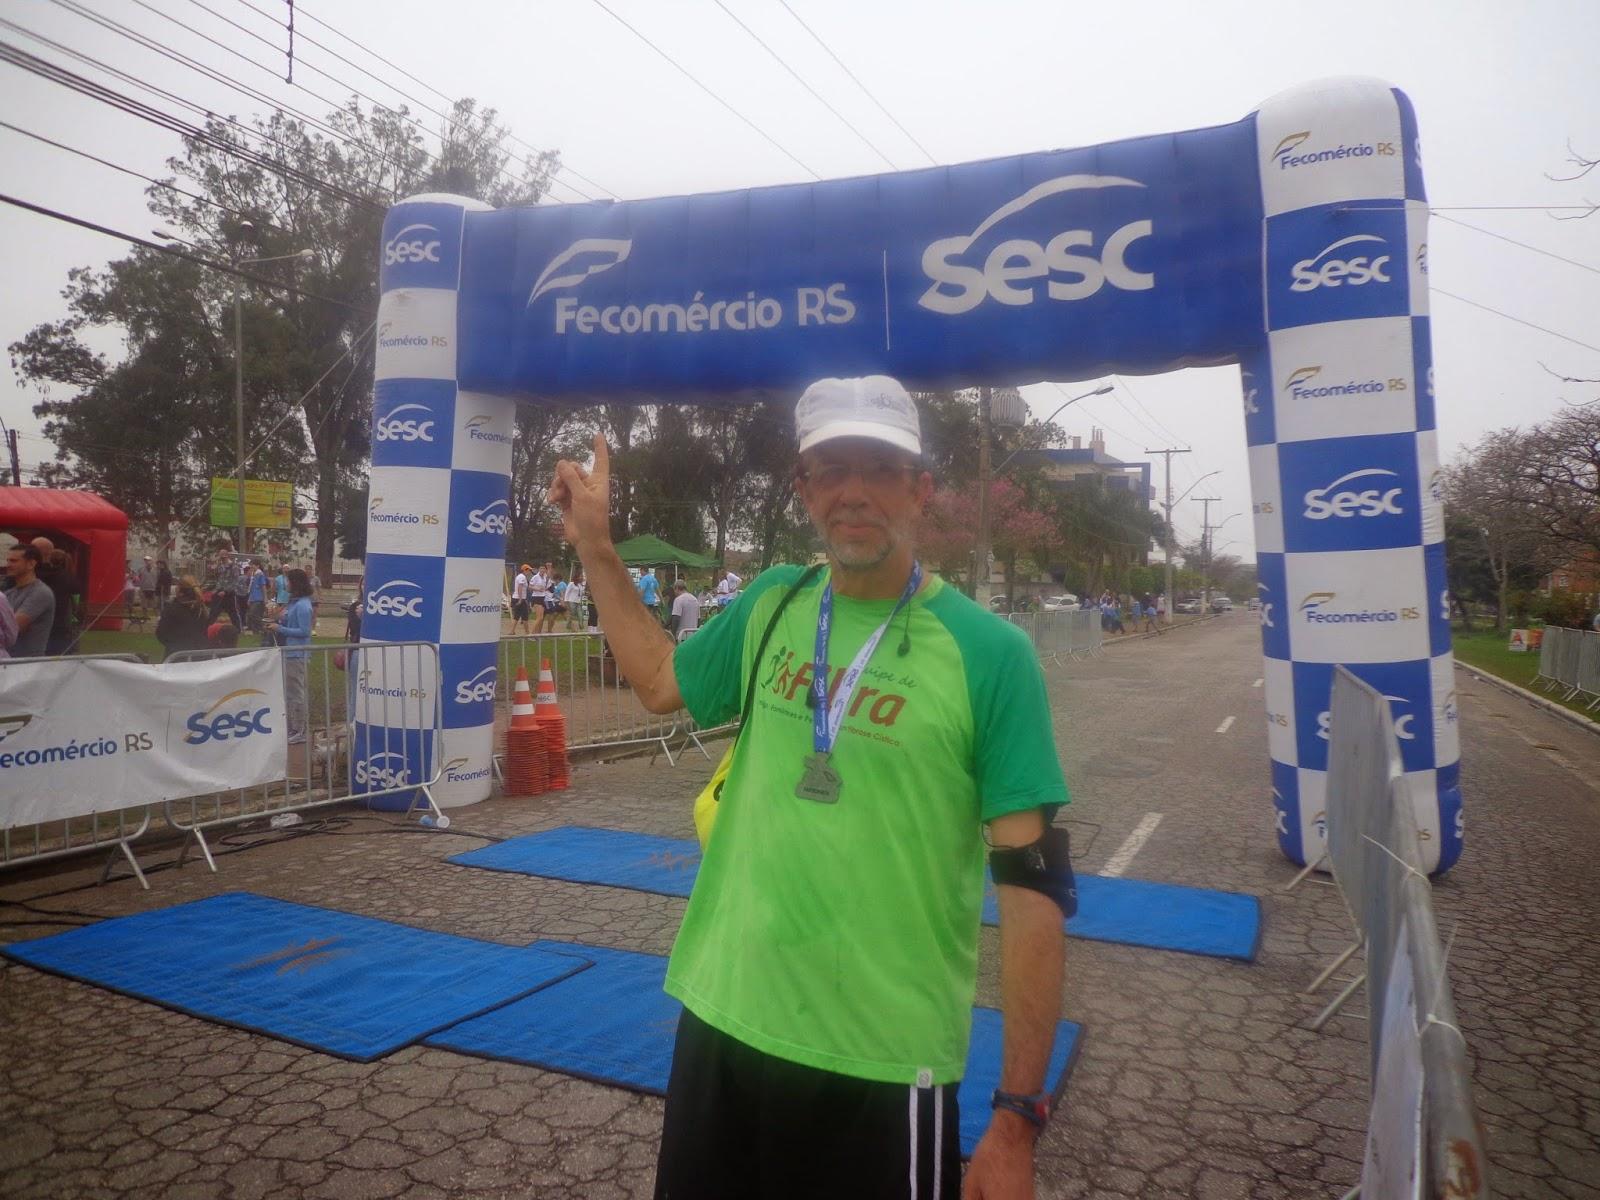 Circuito Sesc De Corridas Etapa Pelotas : Canelafina corrida circuito sesc corridas etapa pelotas